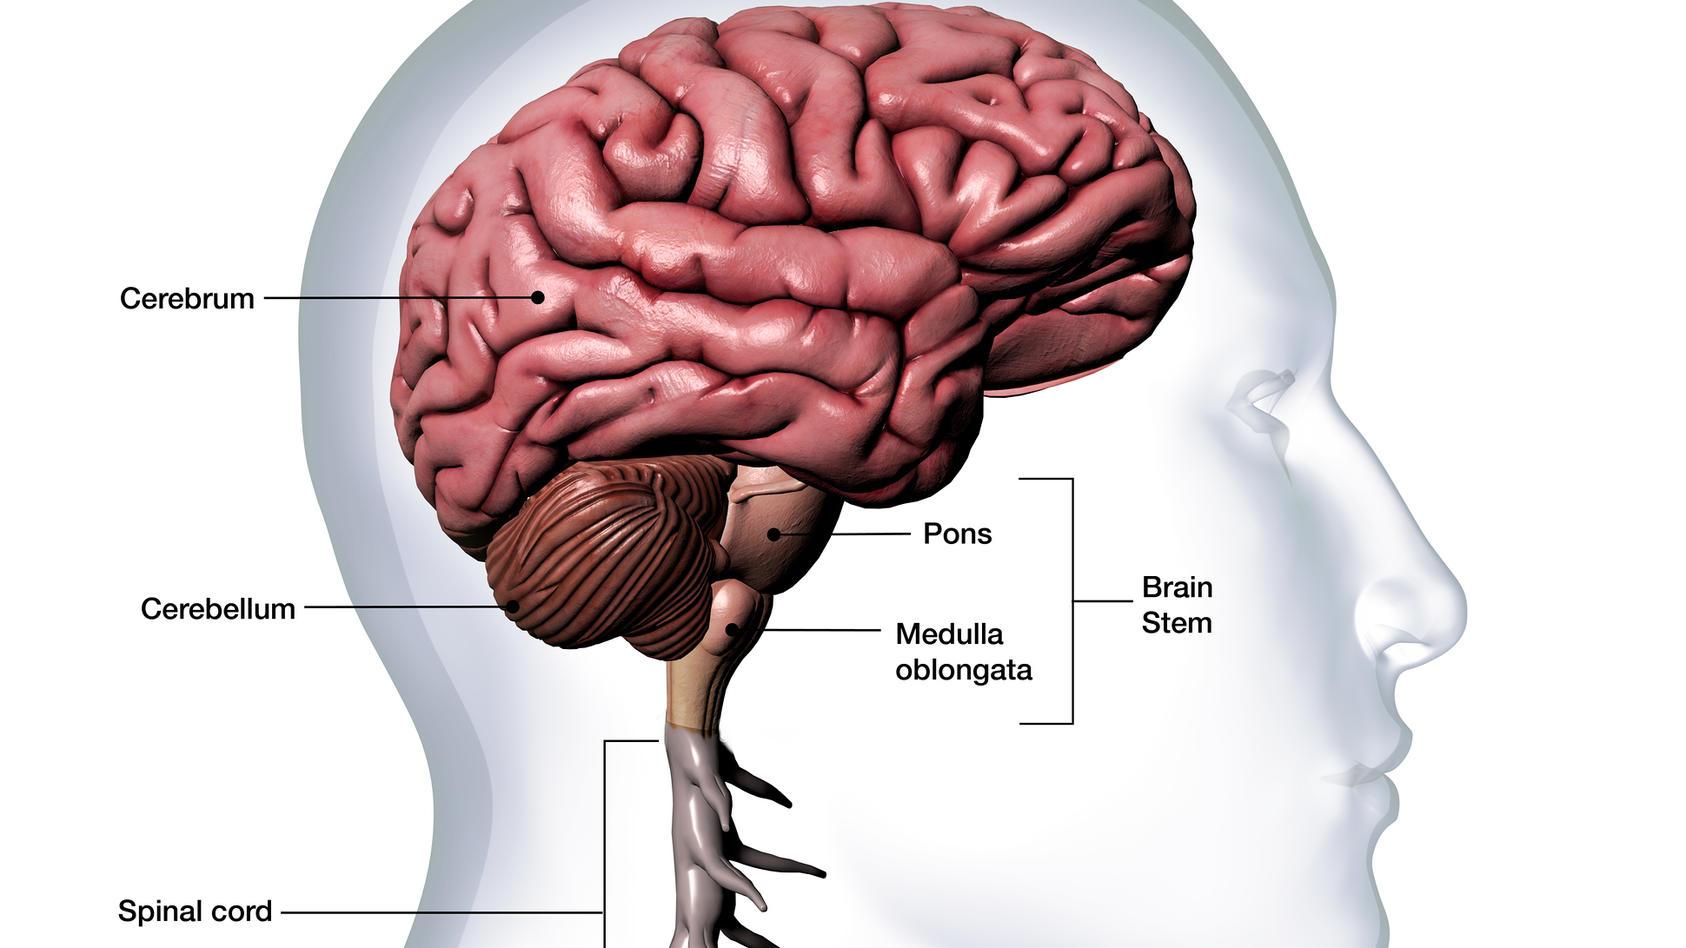 Das adrenocorticotrope Hormon (ACTH) ist ein lebenswichtiges Hormon, das Einfluss auf den Zucker-, Wasser- und Mineralstoffwechsel hat.